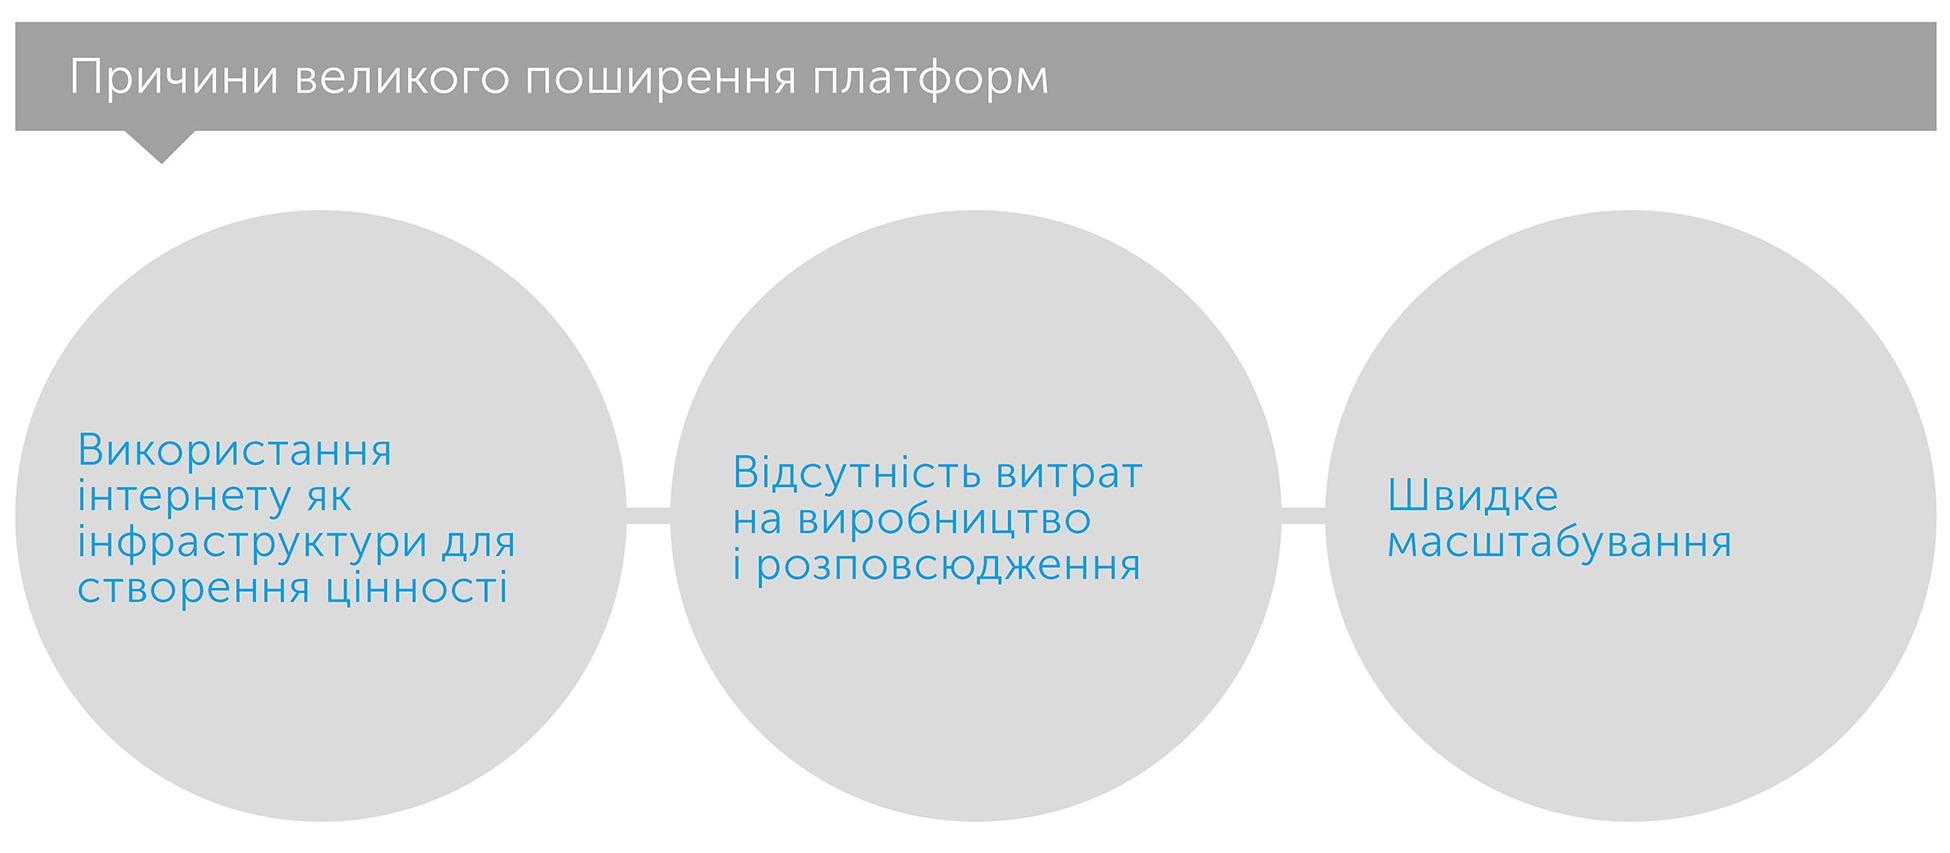 Революція платформ. Як мережеві ринки змінюють економіку – і як змусити їх працювати на вас, автор Маршалл Альстайн | Kyivstar Business Hub, зображення №3